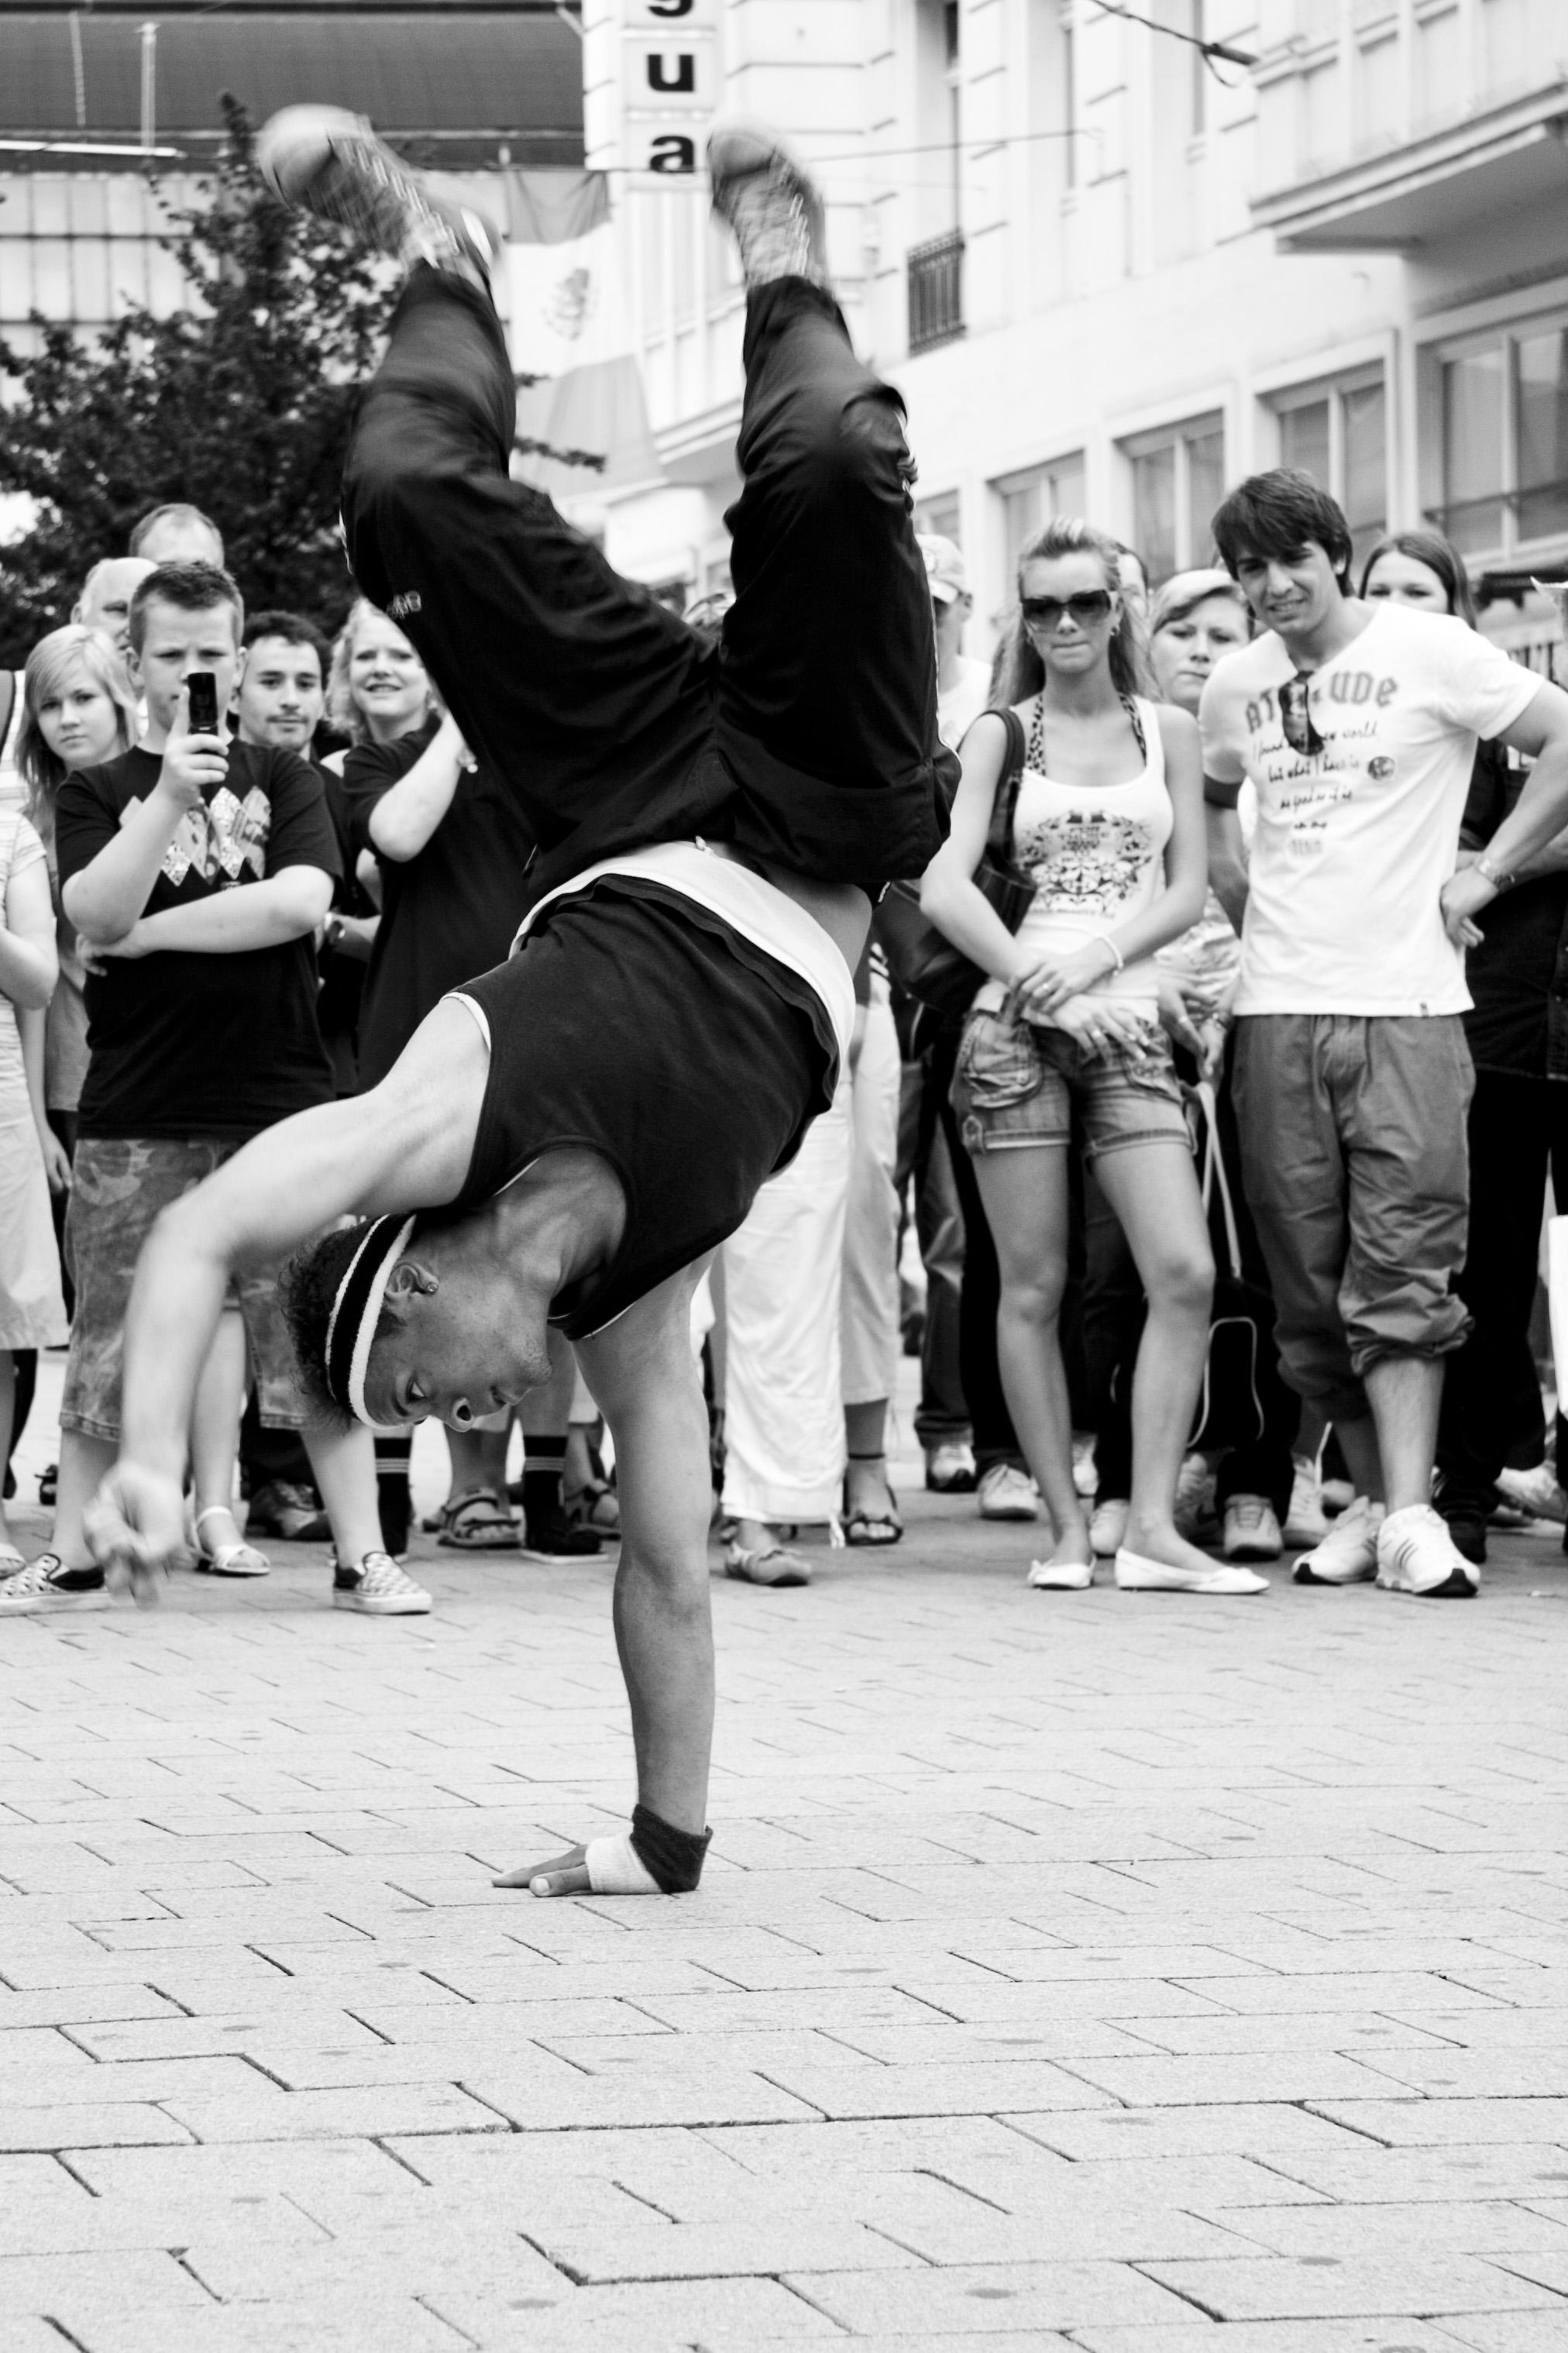 b-boy bailando en la calle